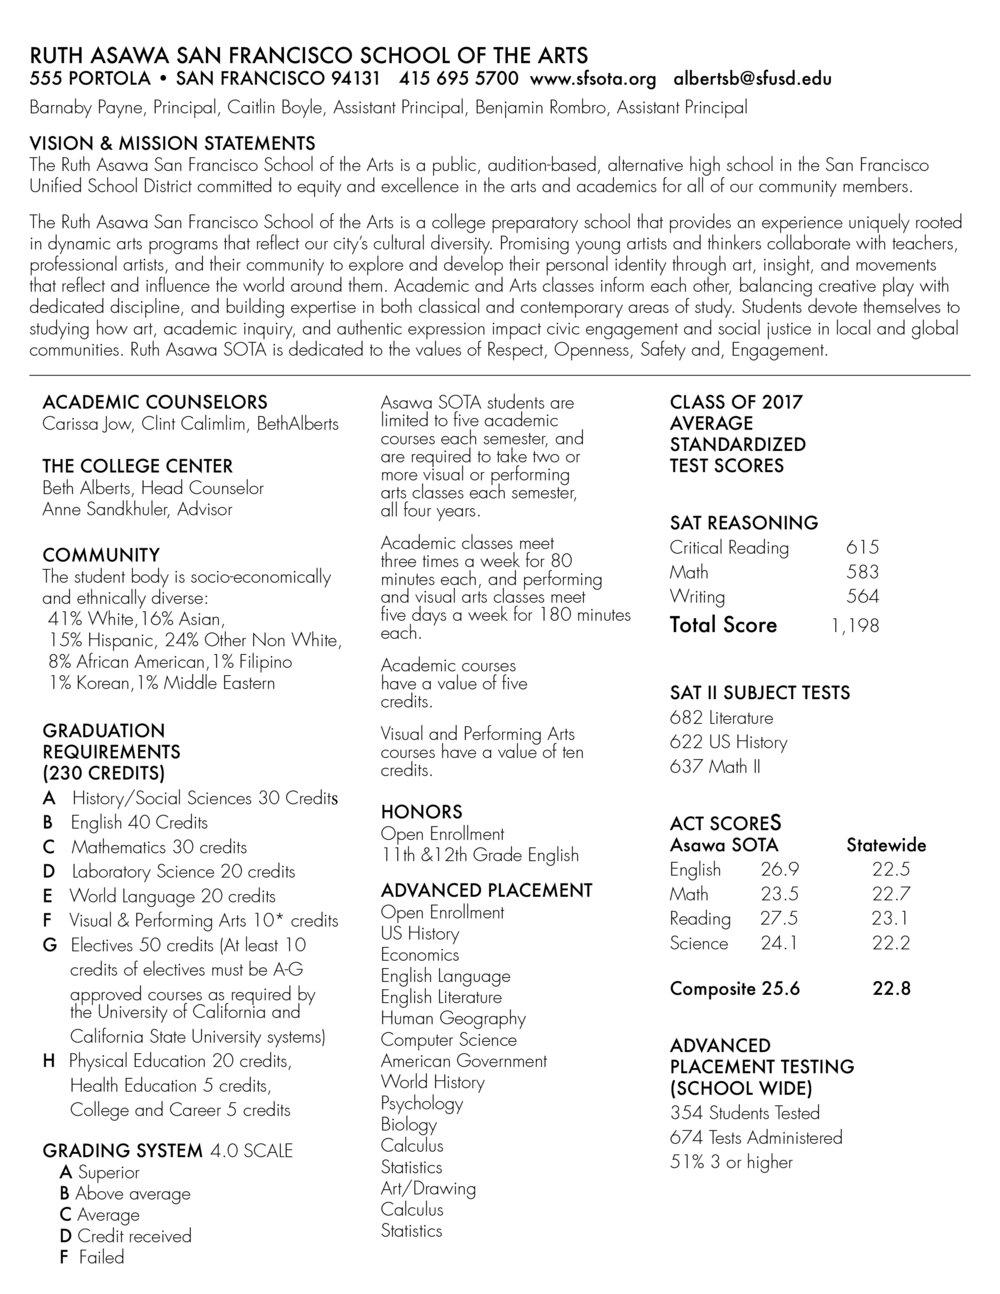 2-ASAWA SOTA SCHOOL PROFILE 17-18.jpg